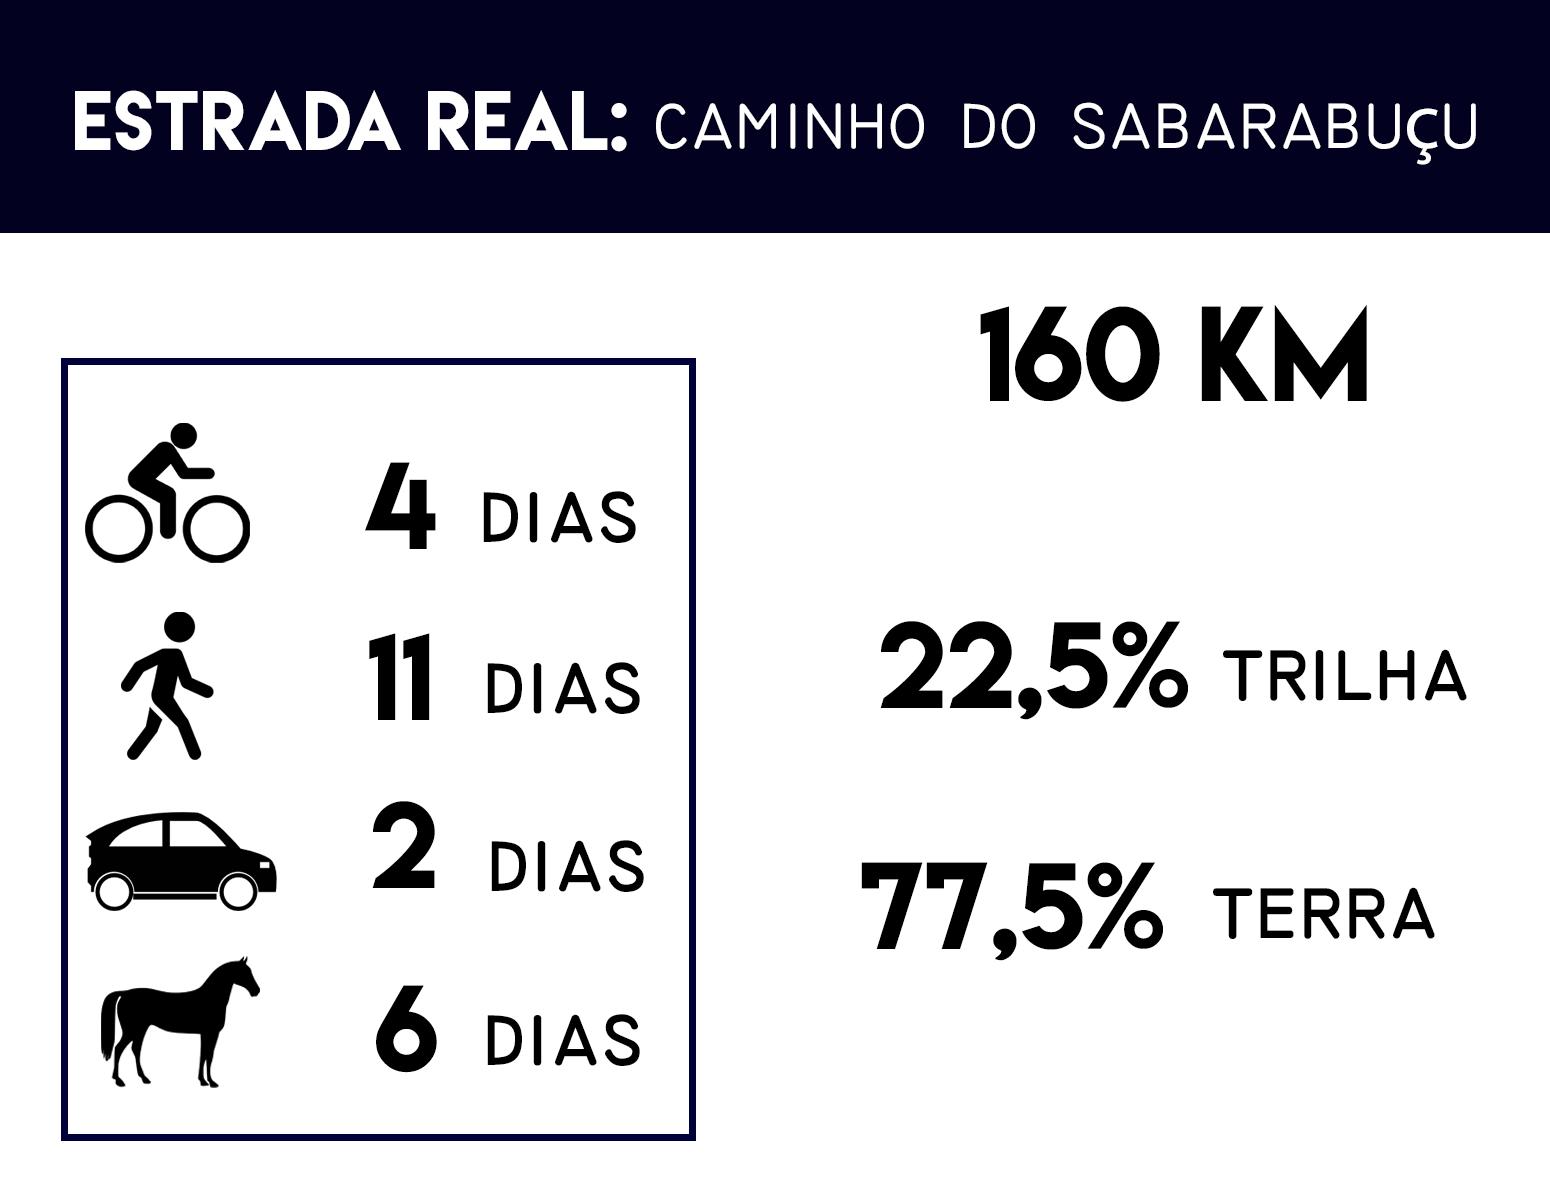 Estrada Real Caminho do sabarabuçu